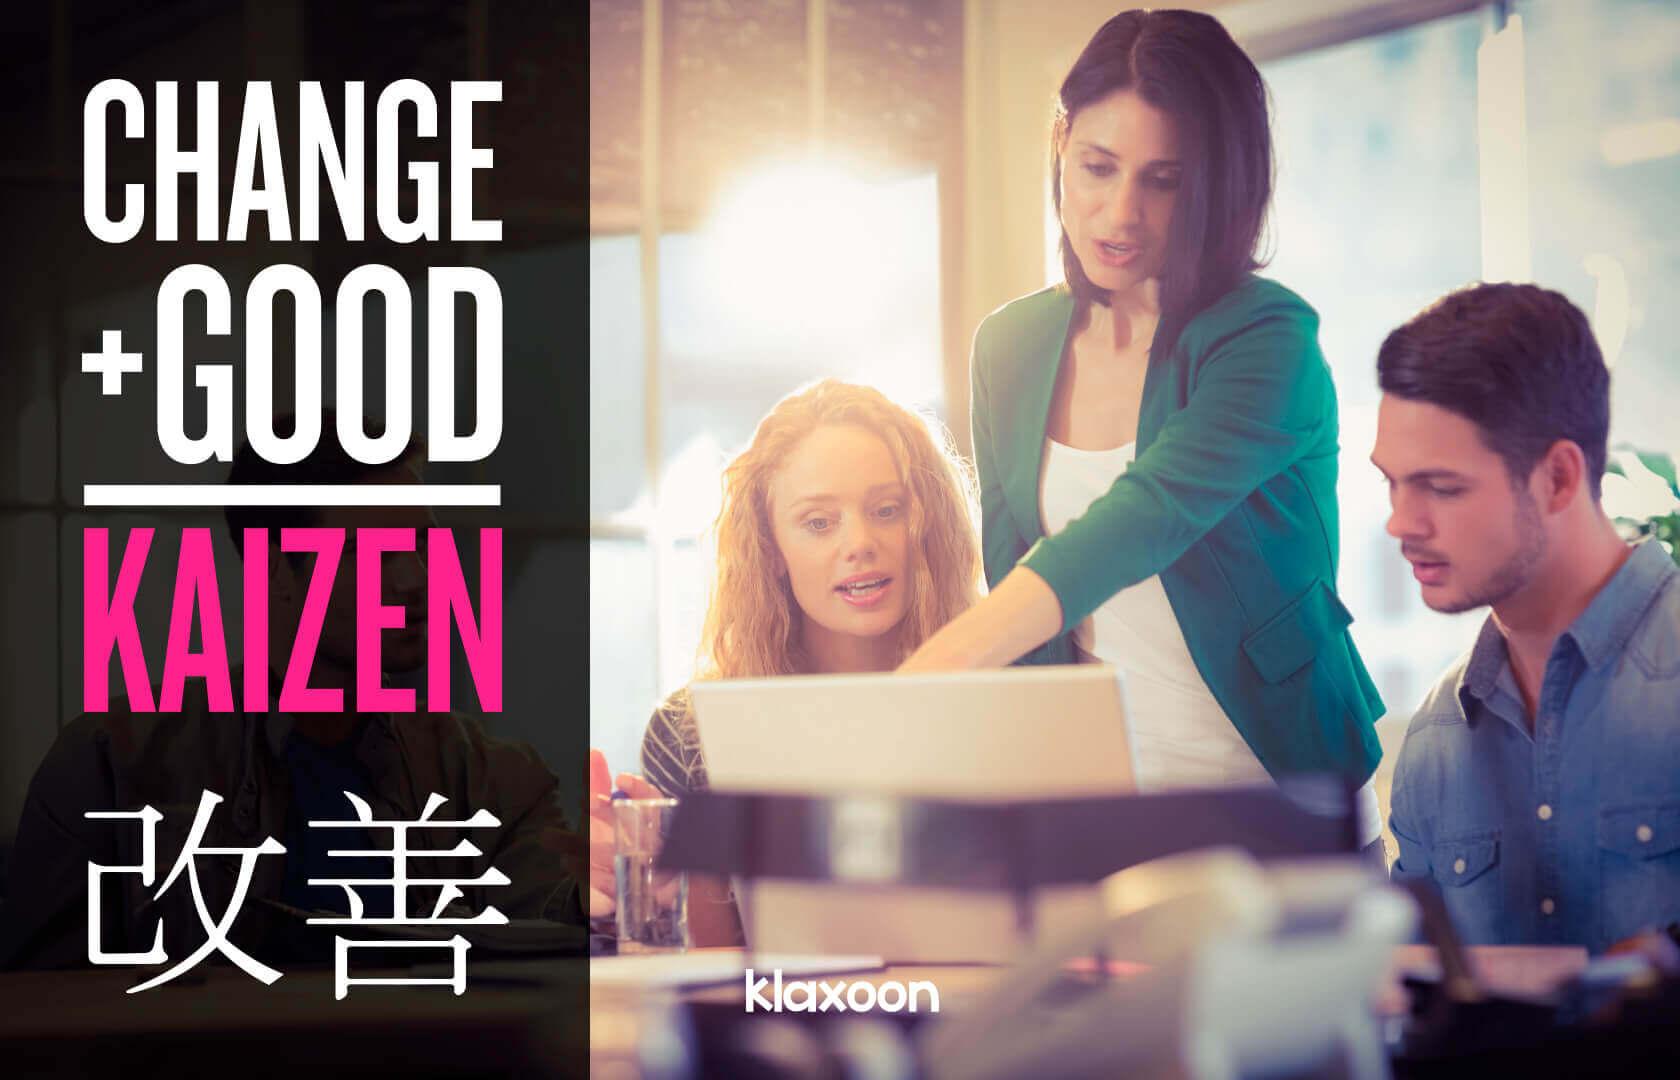 Kaizen : 5 pistes d'amélioration continue à explorer avec votre équipe